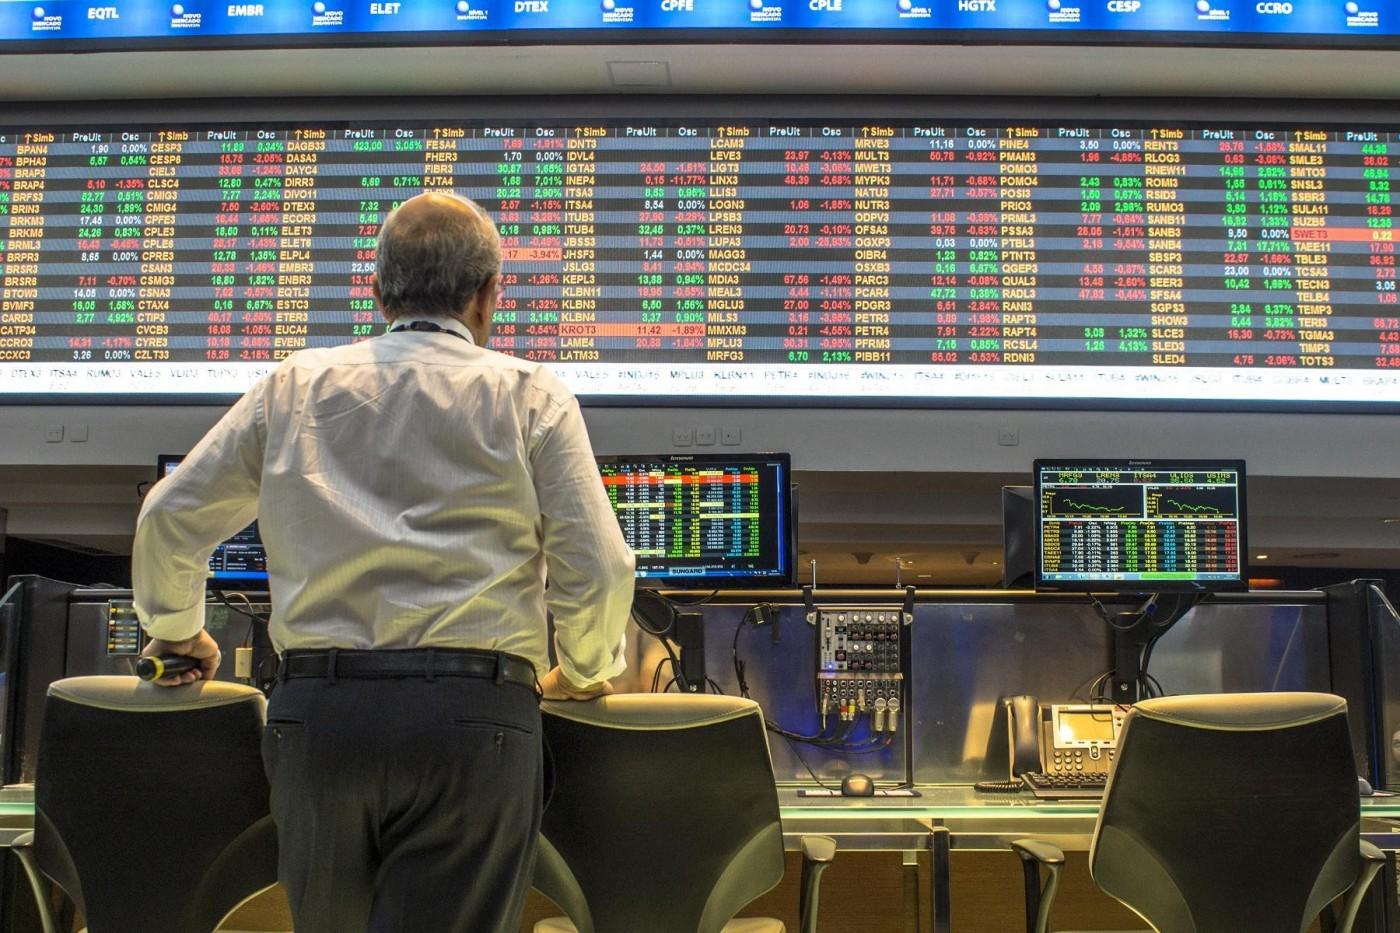 為什麼年輕人不買股票?台新證券複製Richart經驗,要為股市小白降低進入門檻